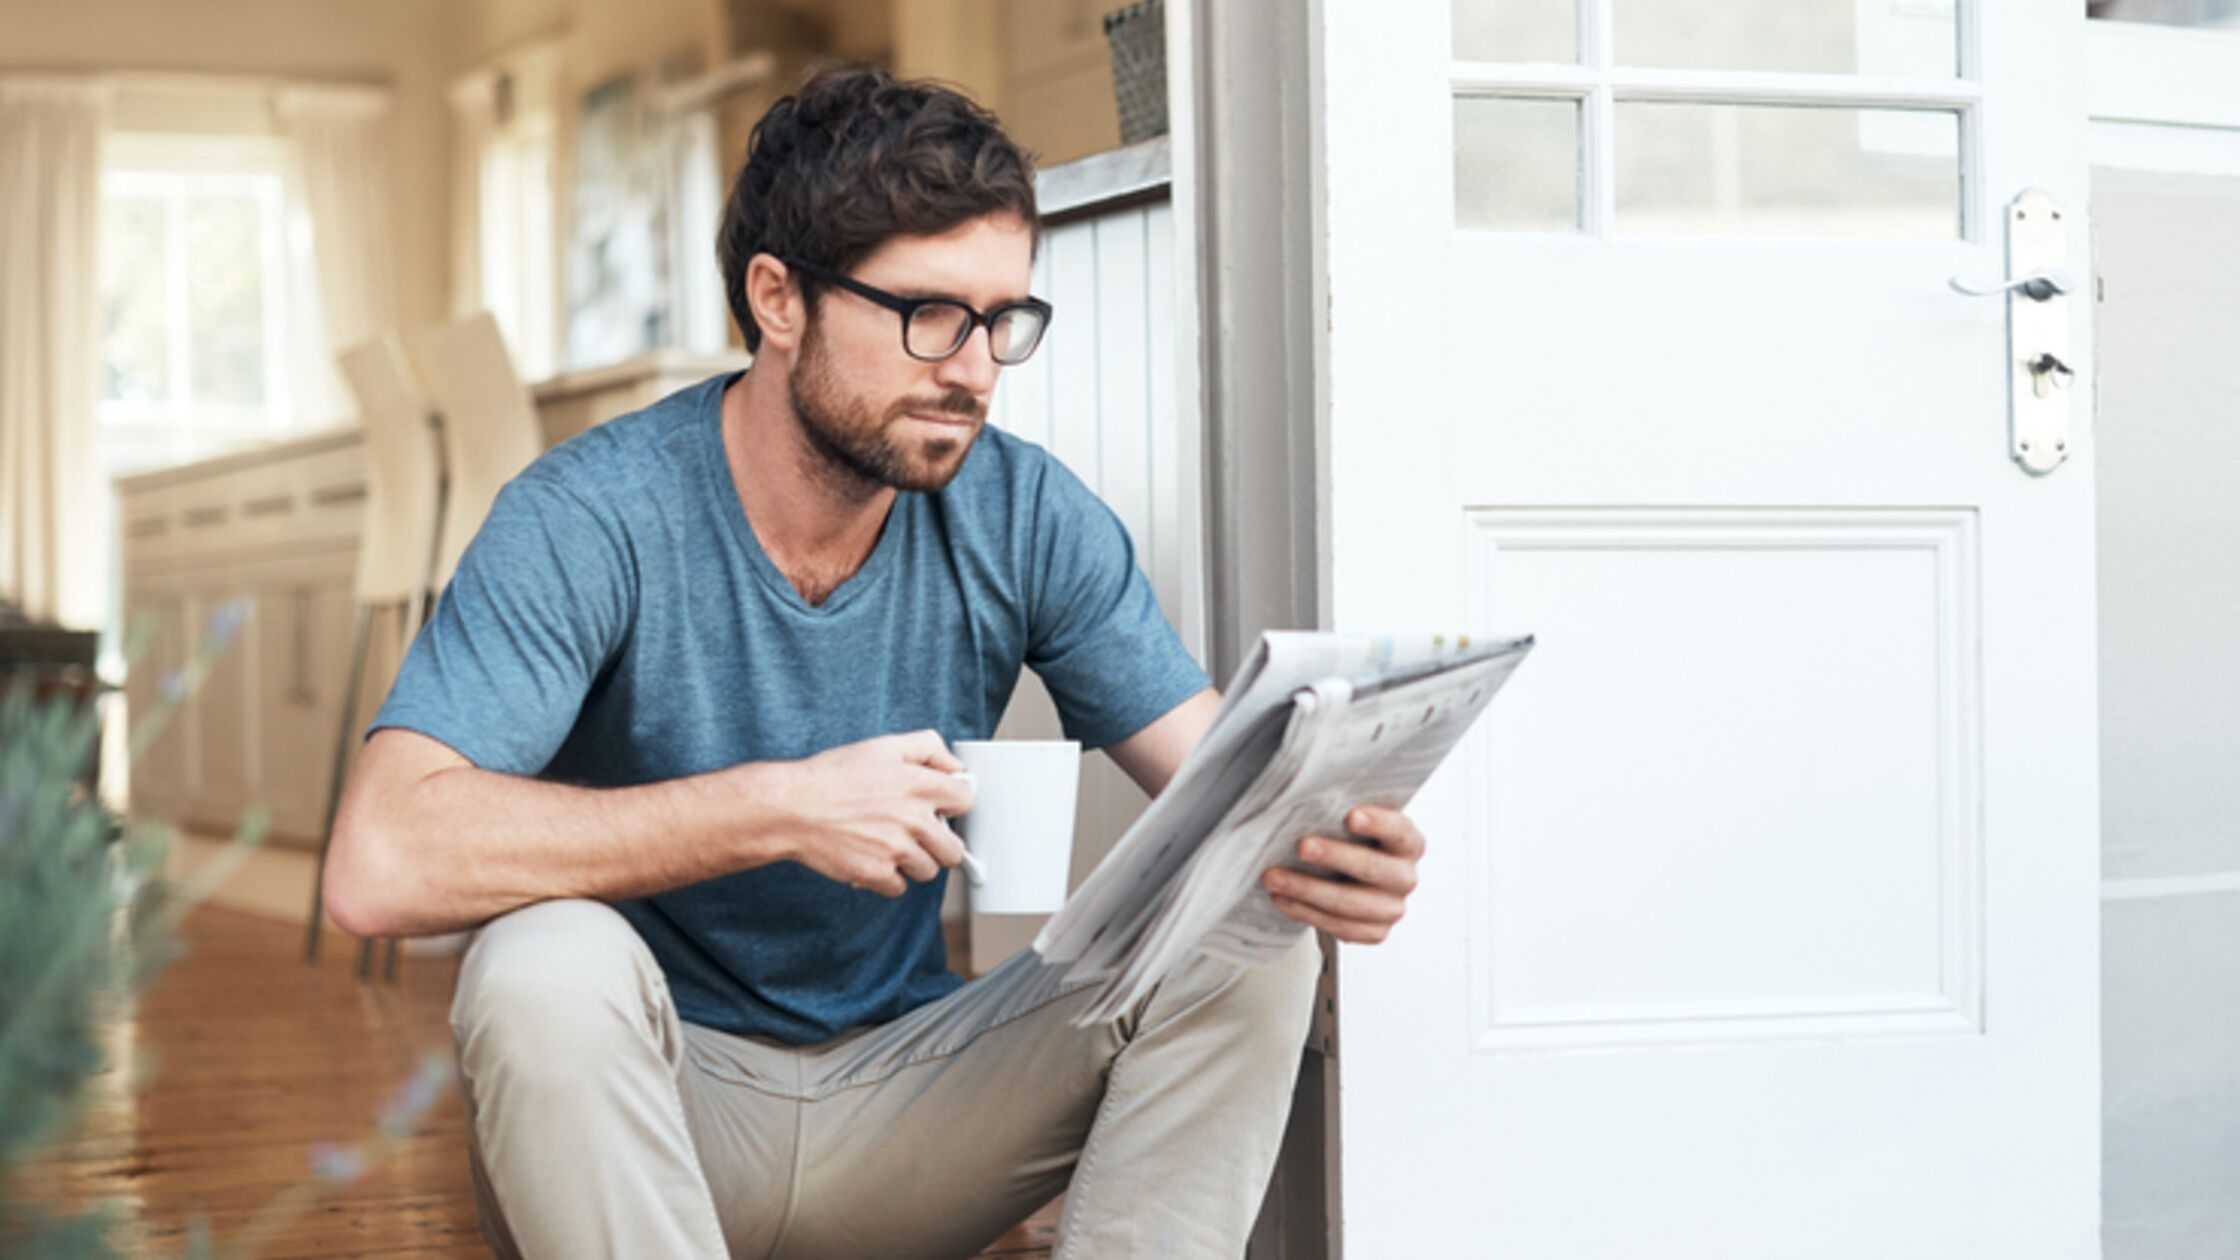 Mann liest Zeitung auf der Türschwelle